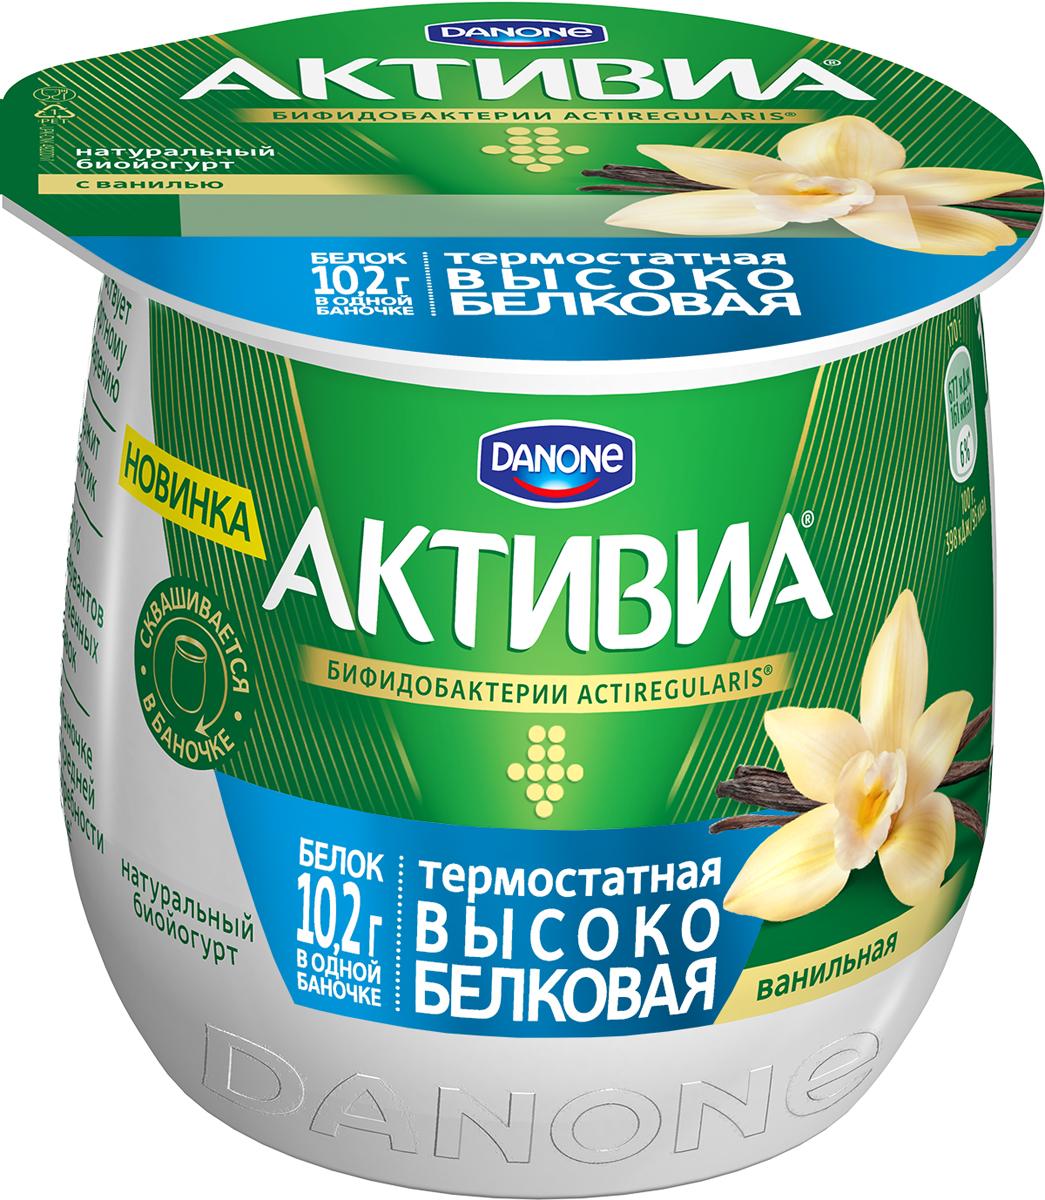 Активиа Высокобелковая Биойогурт Ваниль, термостатный, 3%, 170 г delphi оливки фаршированные сушеными томатами в рассоле 350 г